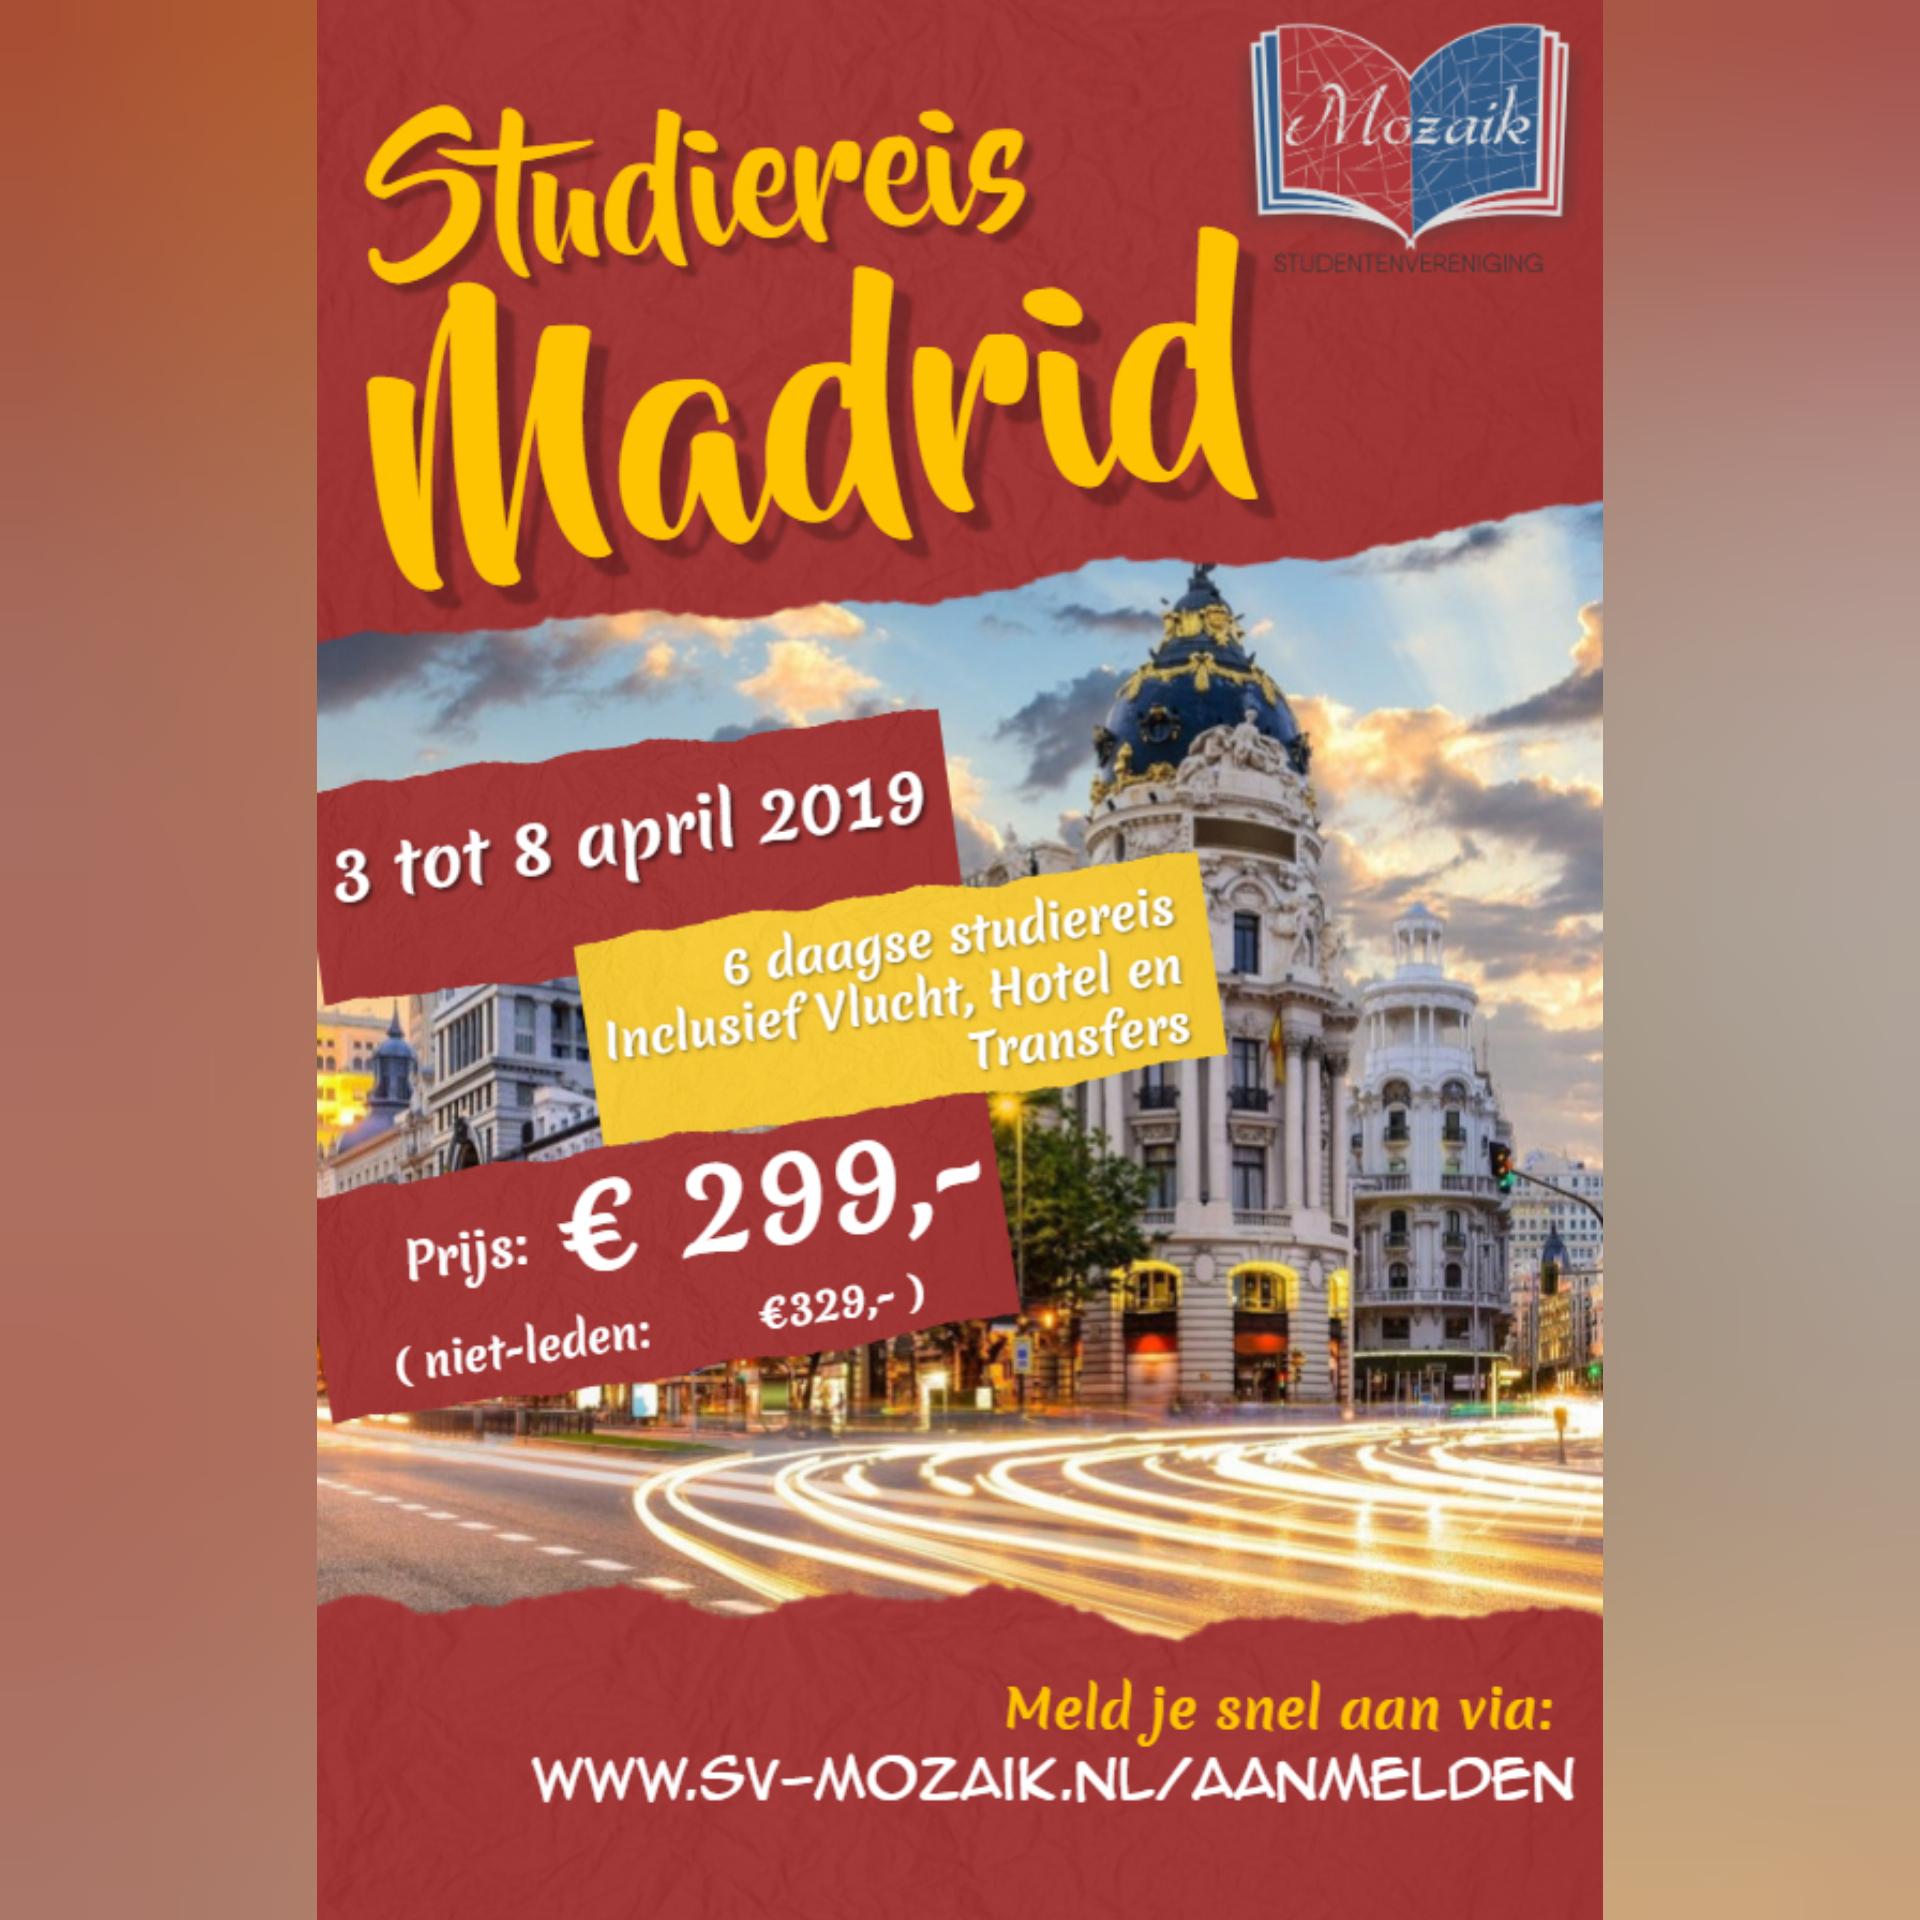 SV Mozaik Studiereis 2019 Madrid Spanje